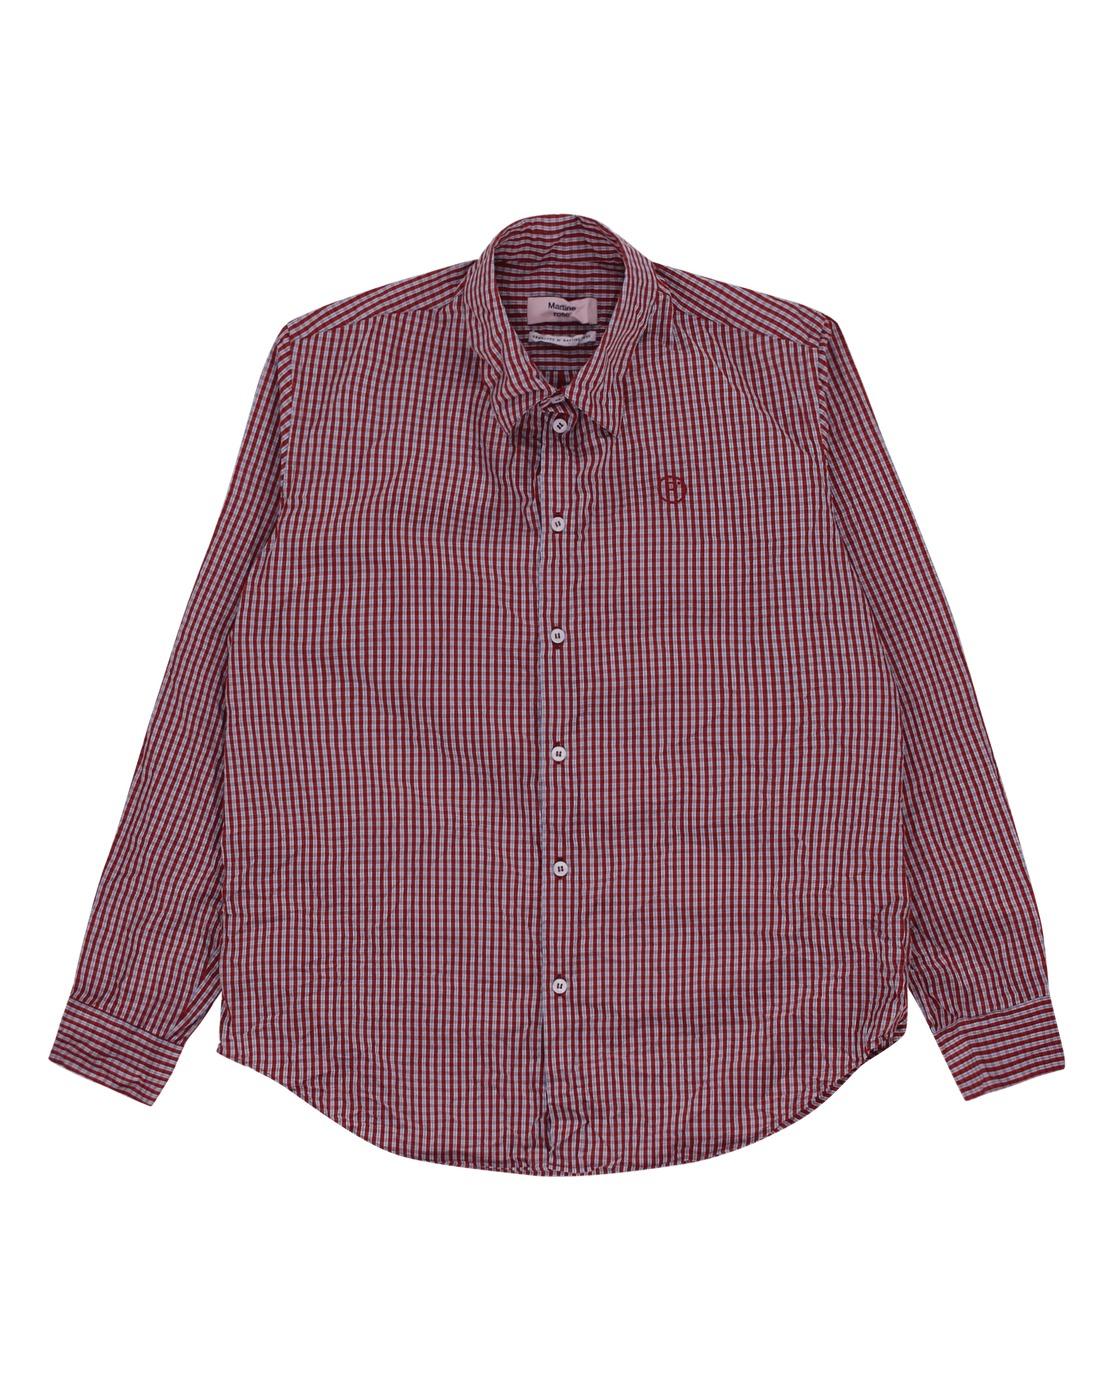 Martine Rose Crinkled Shirt Blue/Red